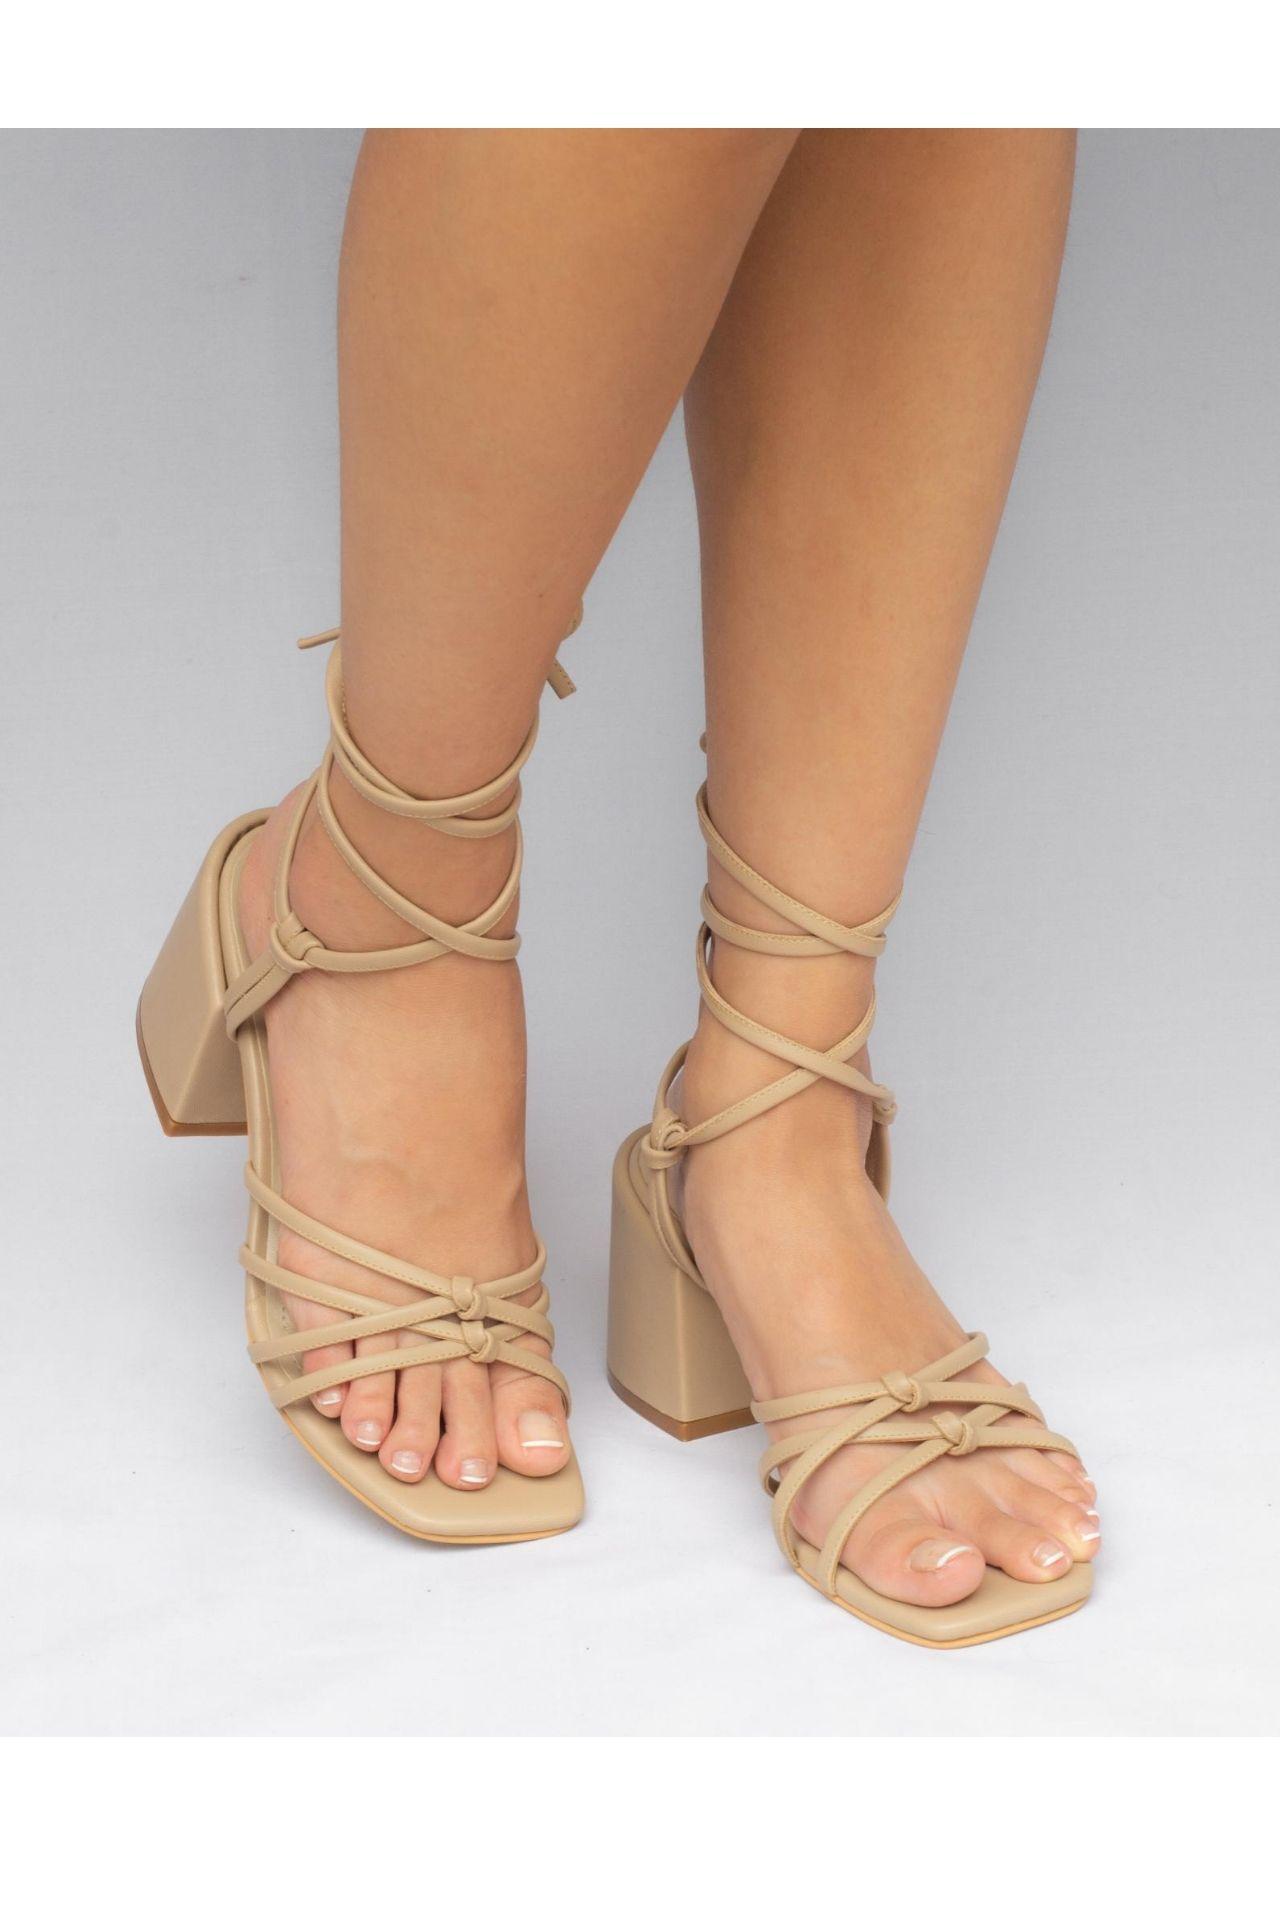 Nuestras naked sandals son una pieza extremadamente versátil, las puedes combinar con absolutamente todo. Capellada: Biocuero sintetico ( insumos libres de crueldad animal ) Taco: PU Alto: 7.5cm Plantilla con doble acolchado.